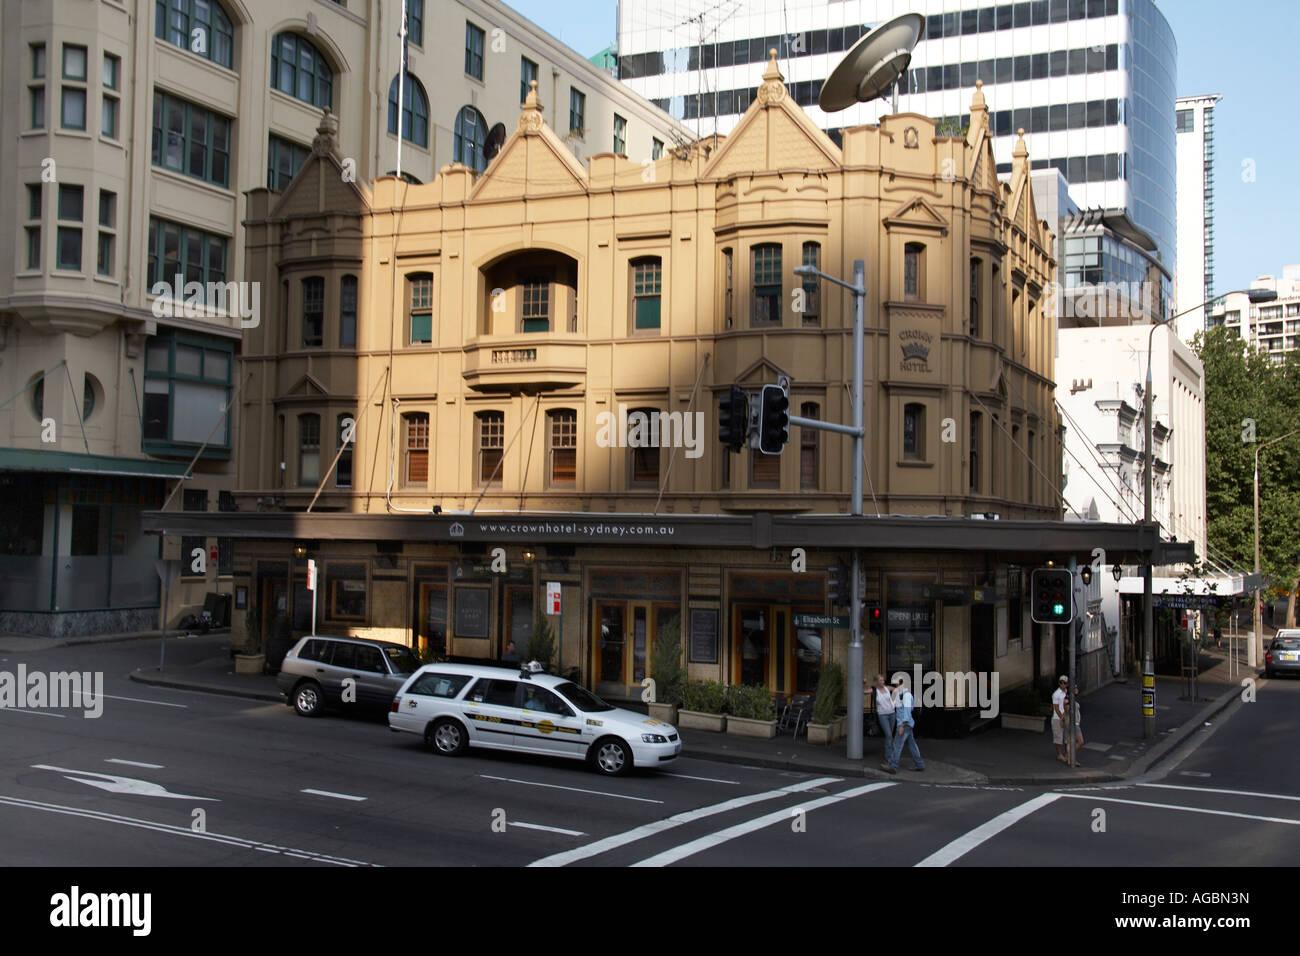 Crown Motel Sydney